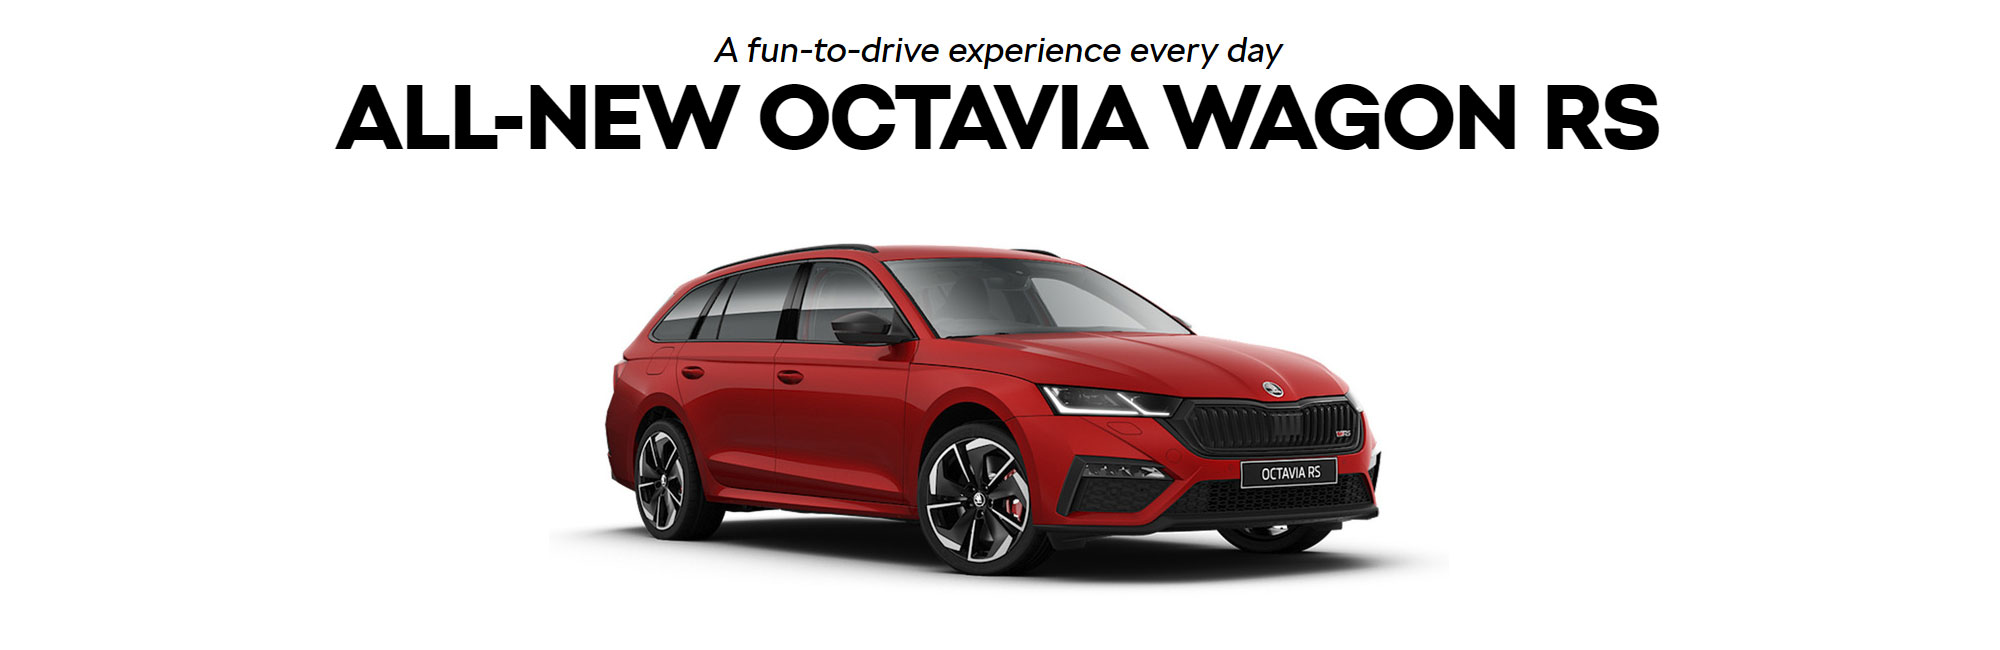 octavia-rs-wagon